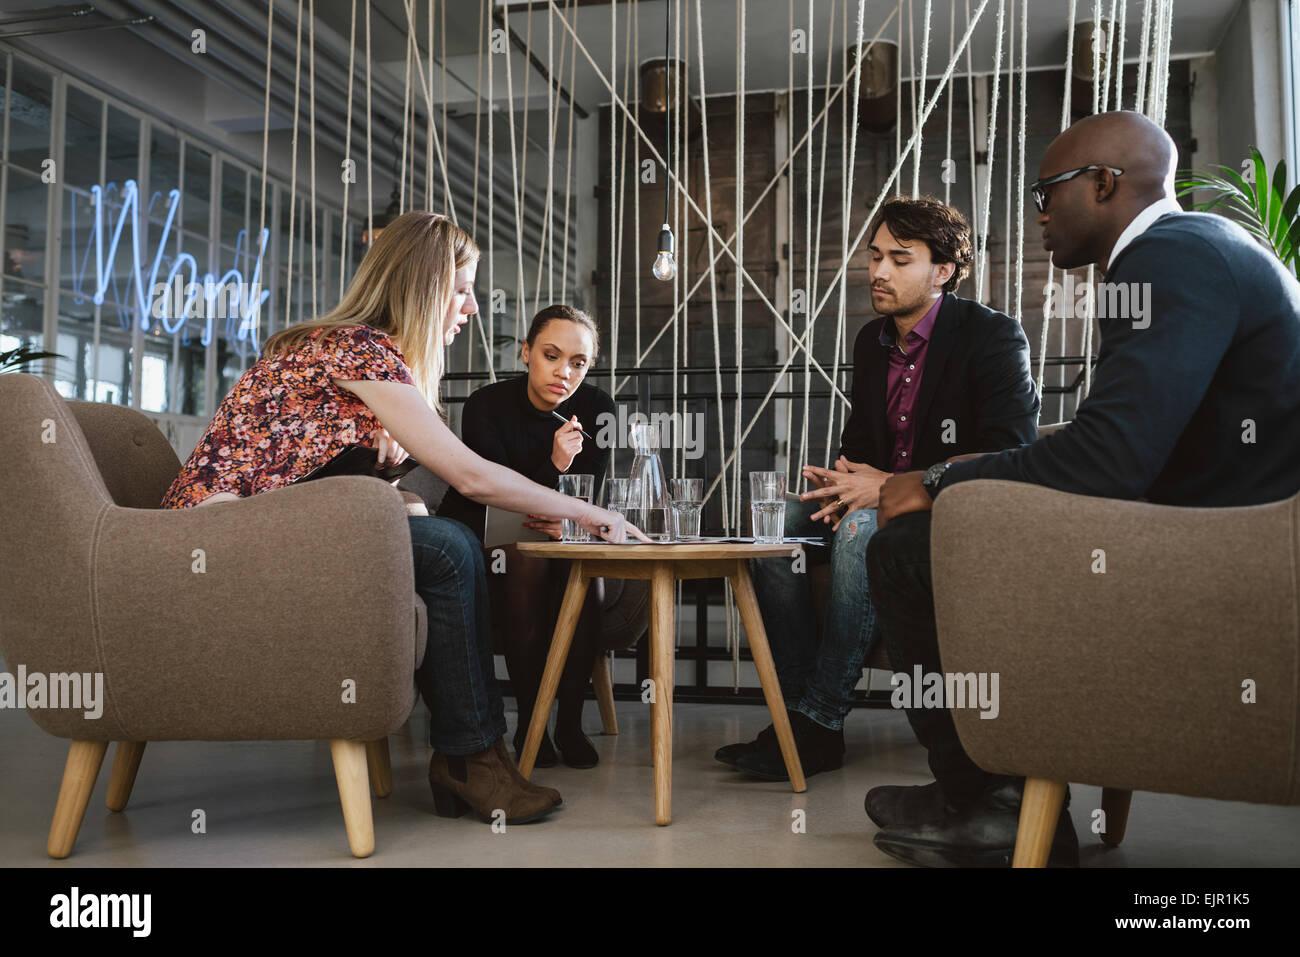 Heterogene Gruppe von Führungskräften treffen im Büro Austausch kreative Ideen. Junge Menschen, die Stockbild